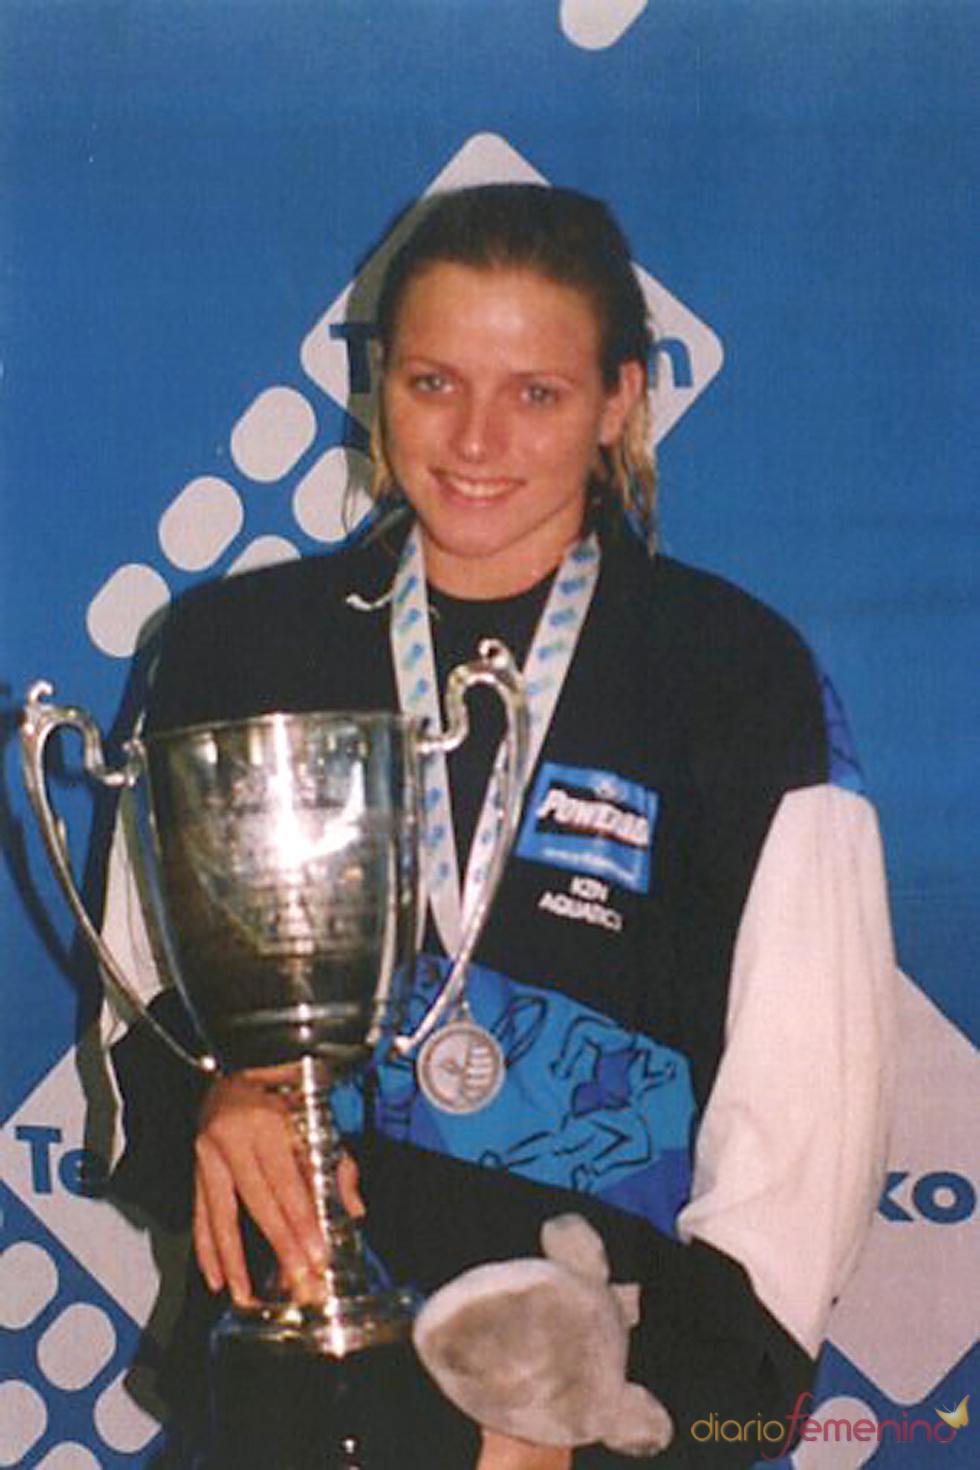 Charlene Wittstock como nadadora en la década de los 90